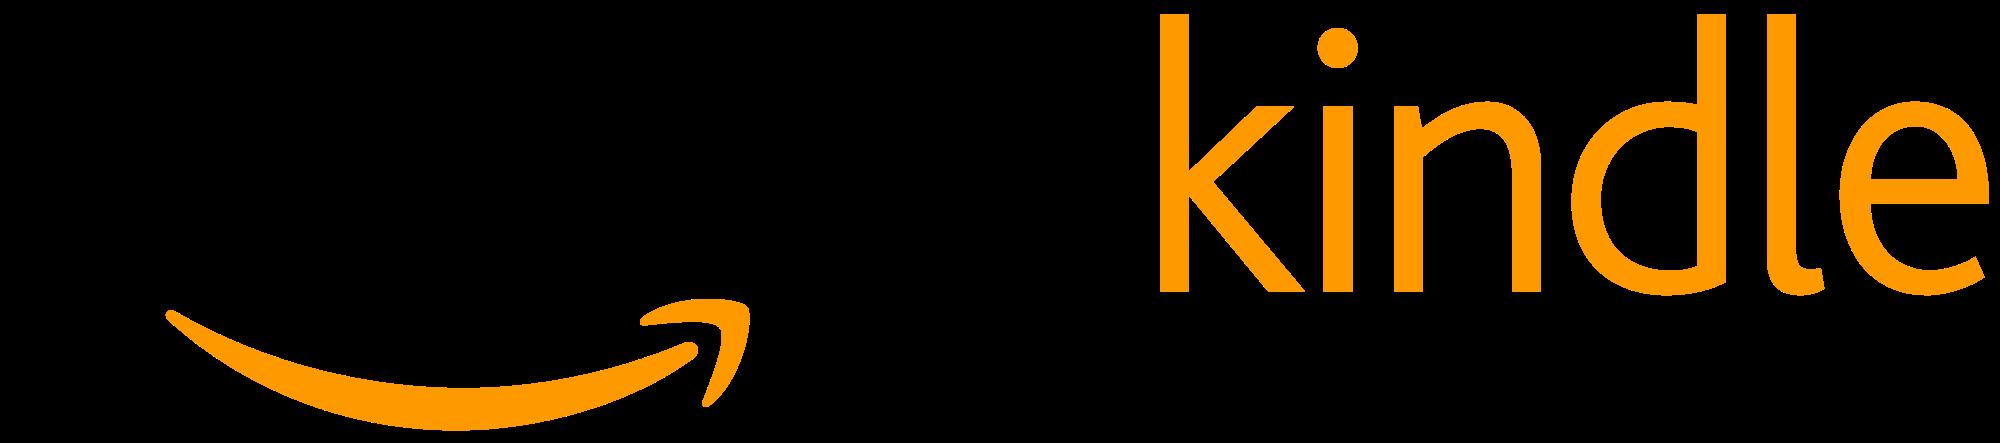 Amazon Kindle Logo Vector PNG